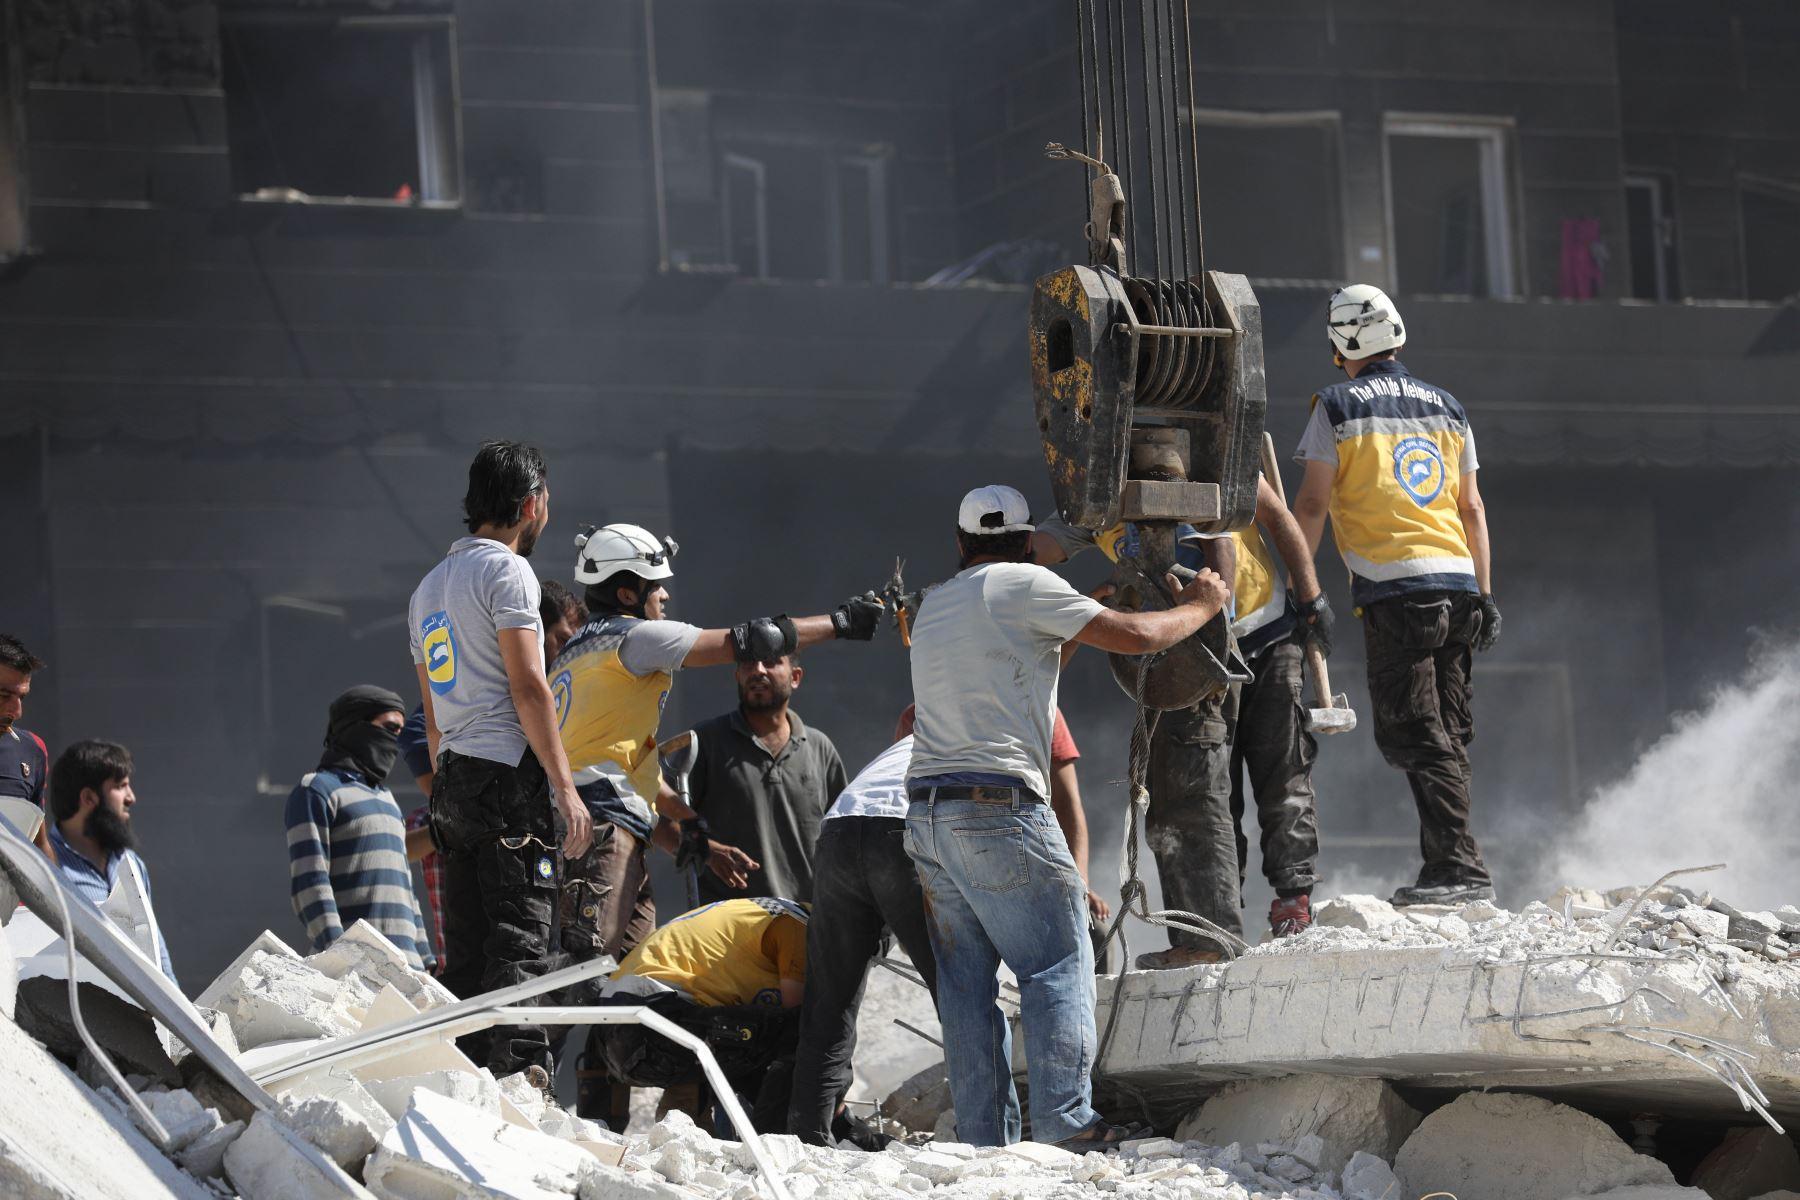 El personal de rescate, conocido como White Helmets revisa los escombros de los edificios destruidos, tras una explosión en un depósito de armas en una zona residencial en la ciudad de Sarmada en la norteña Siria de Idlib, en la que docenas de personas supuestamente asesinado. / AFP